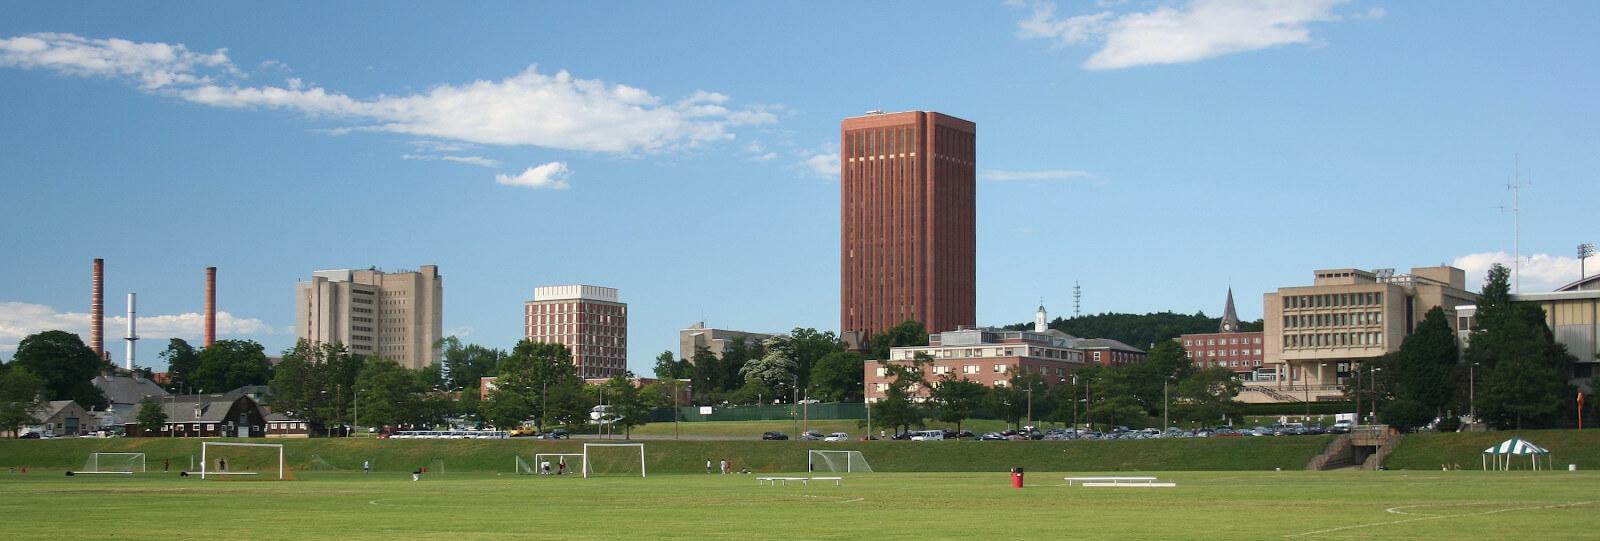 马萨诸塞州大学 University of Massachusetts, Amherst